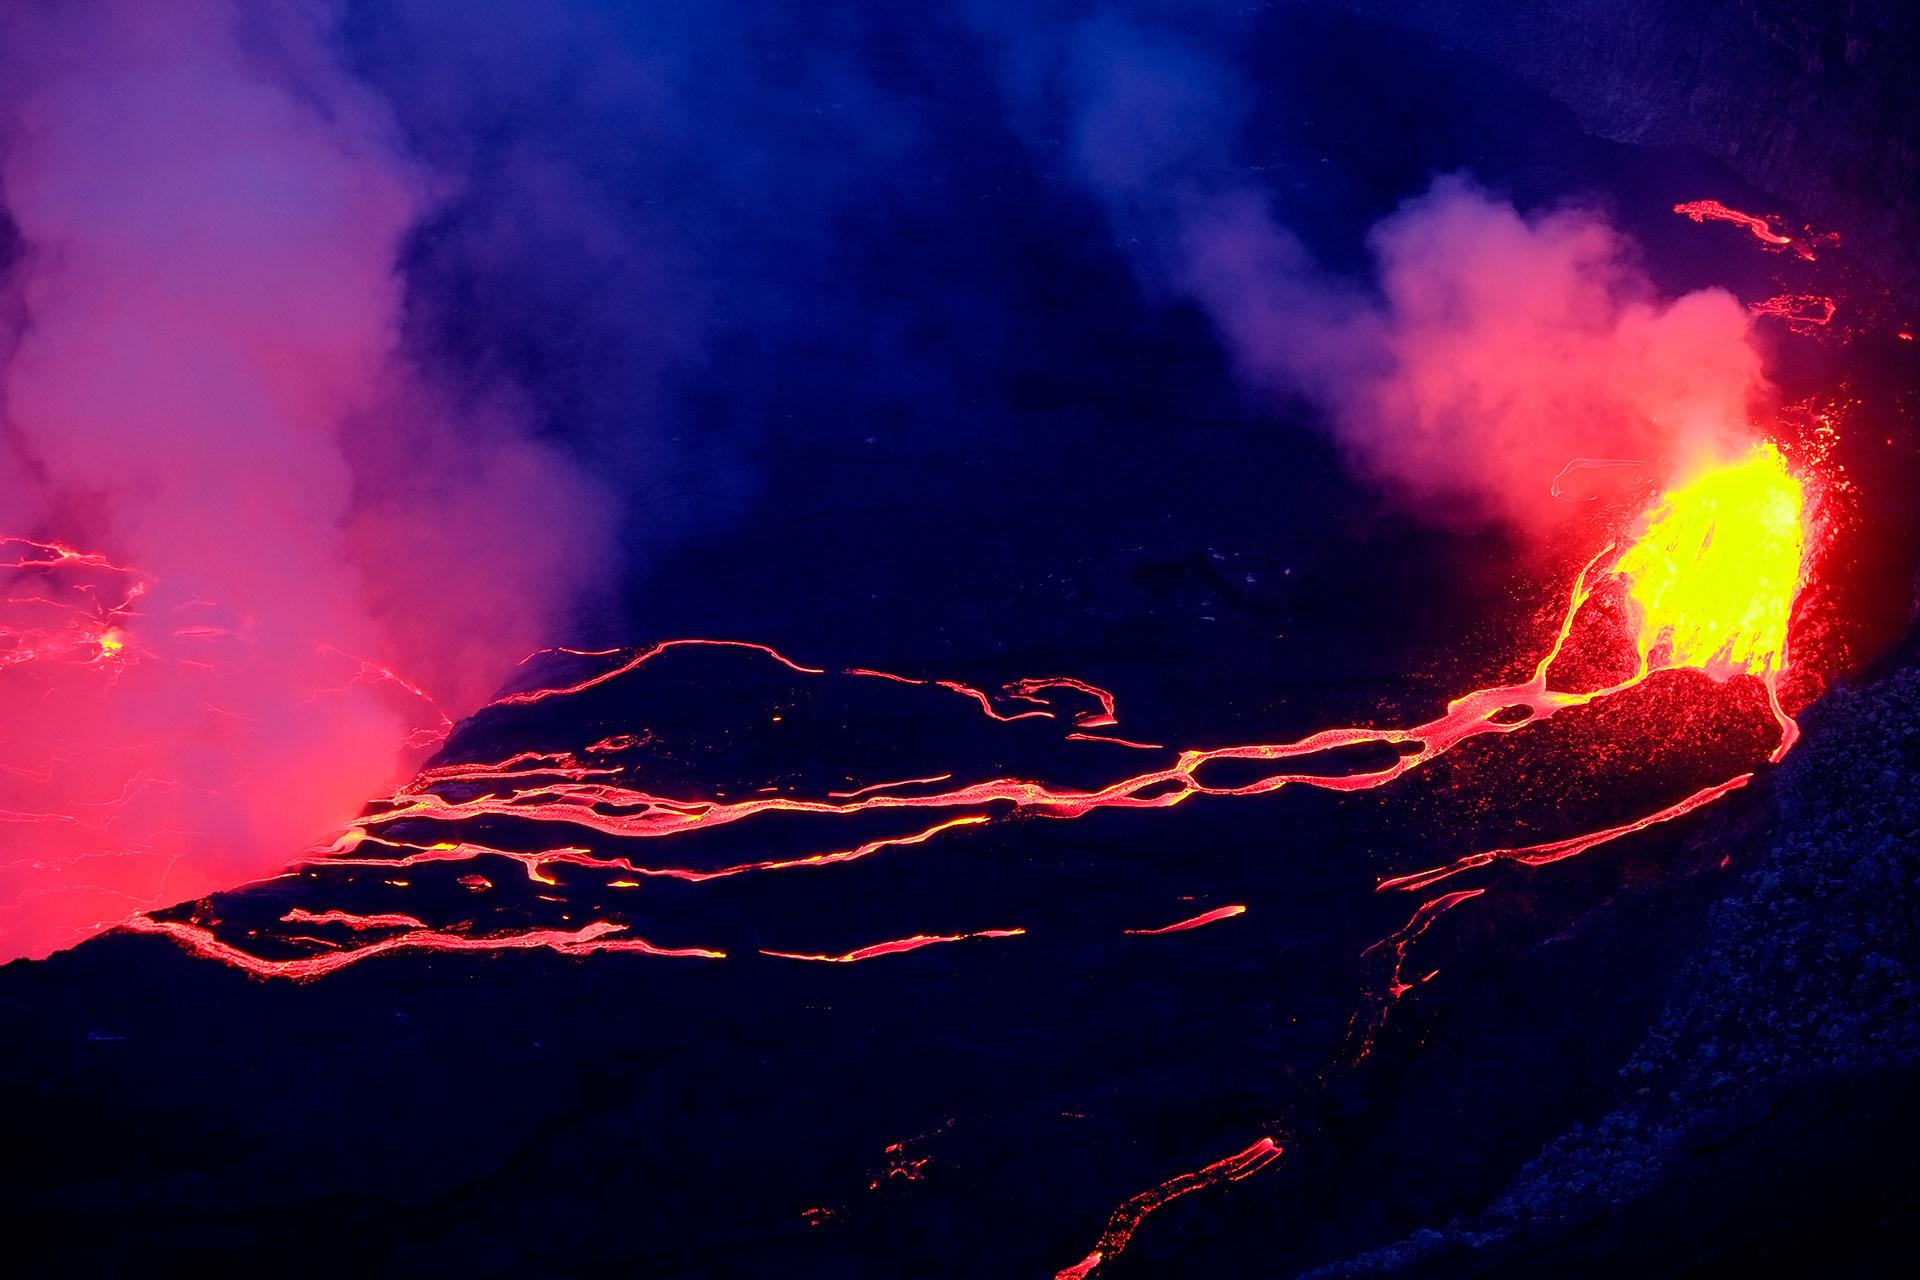 En 2002, la última vez que entró en erupción, se produjeron un total de 45 víctimas mortales, además de destruir una gran cantidad de edificios en las localidades cercanas